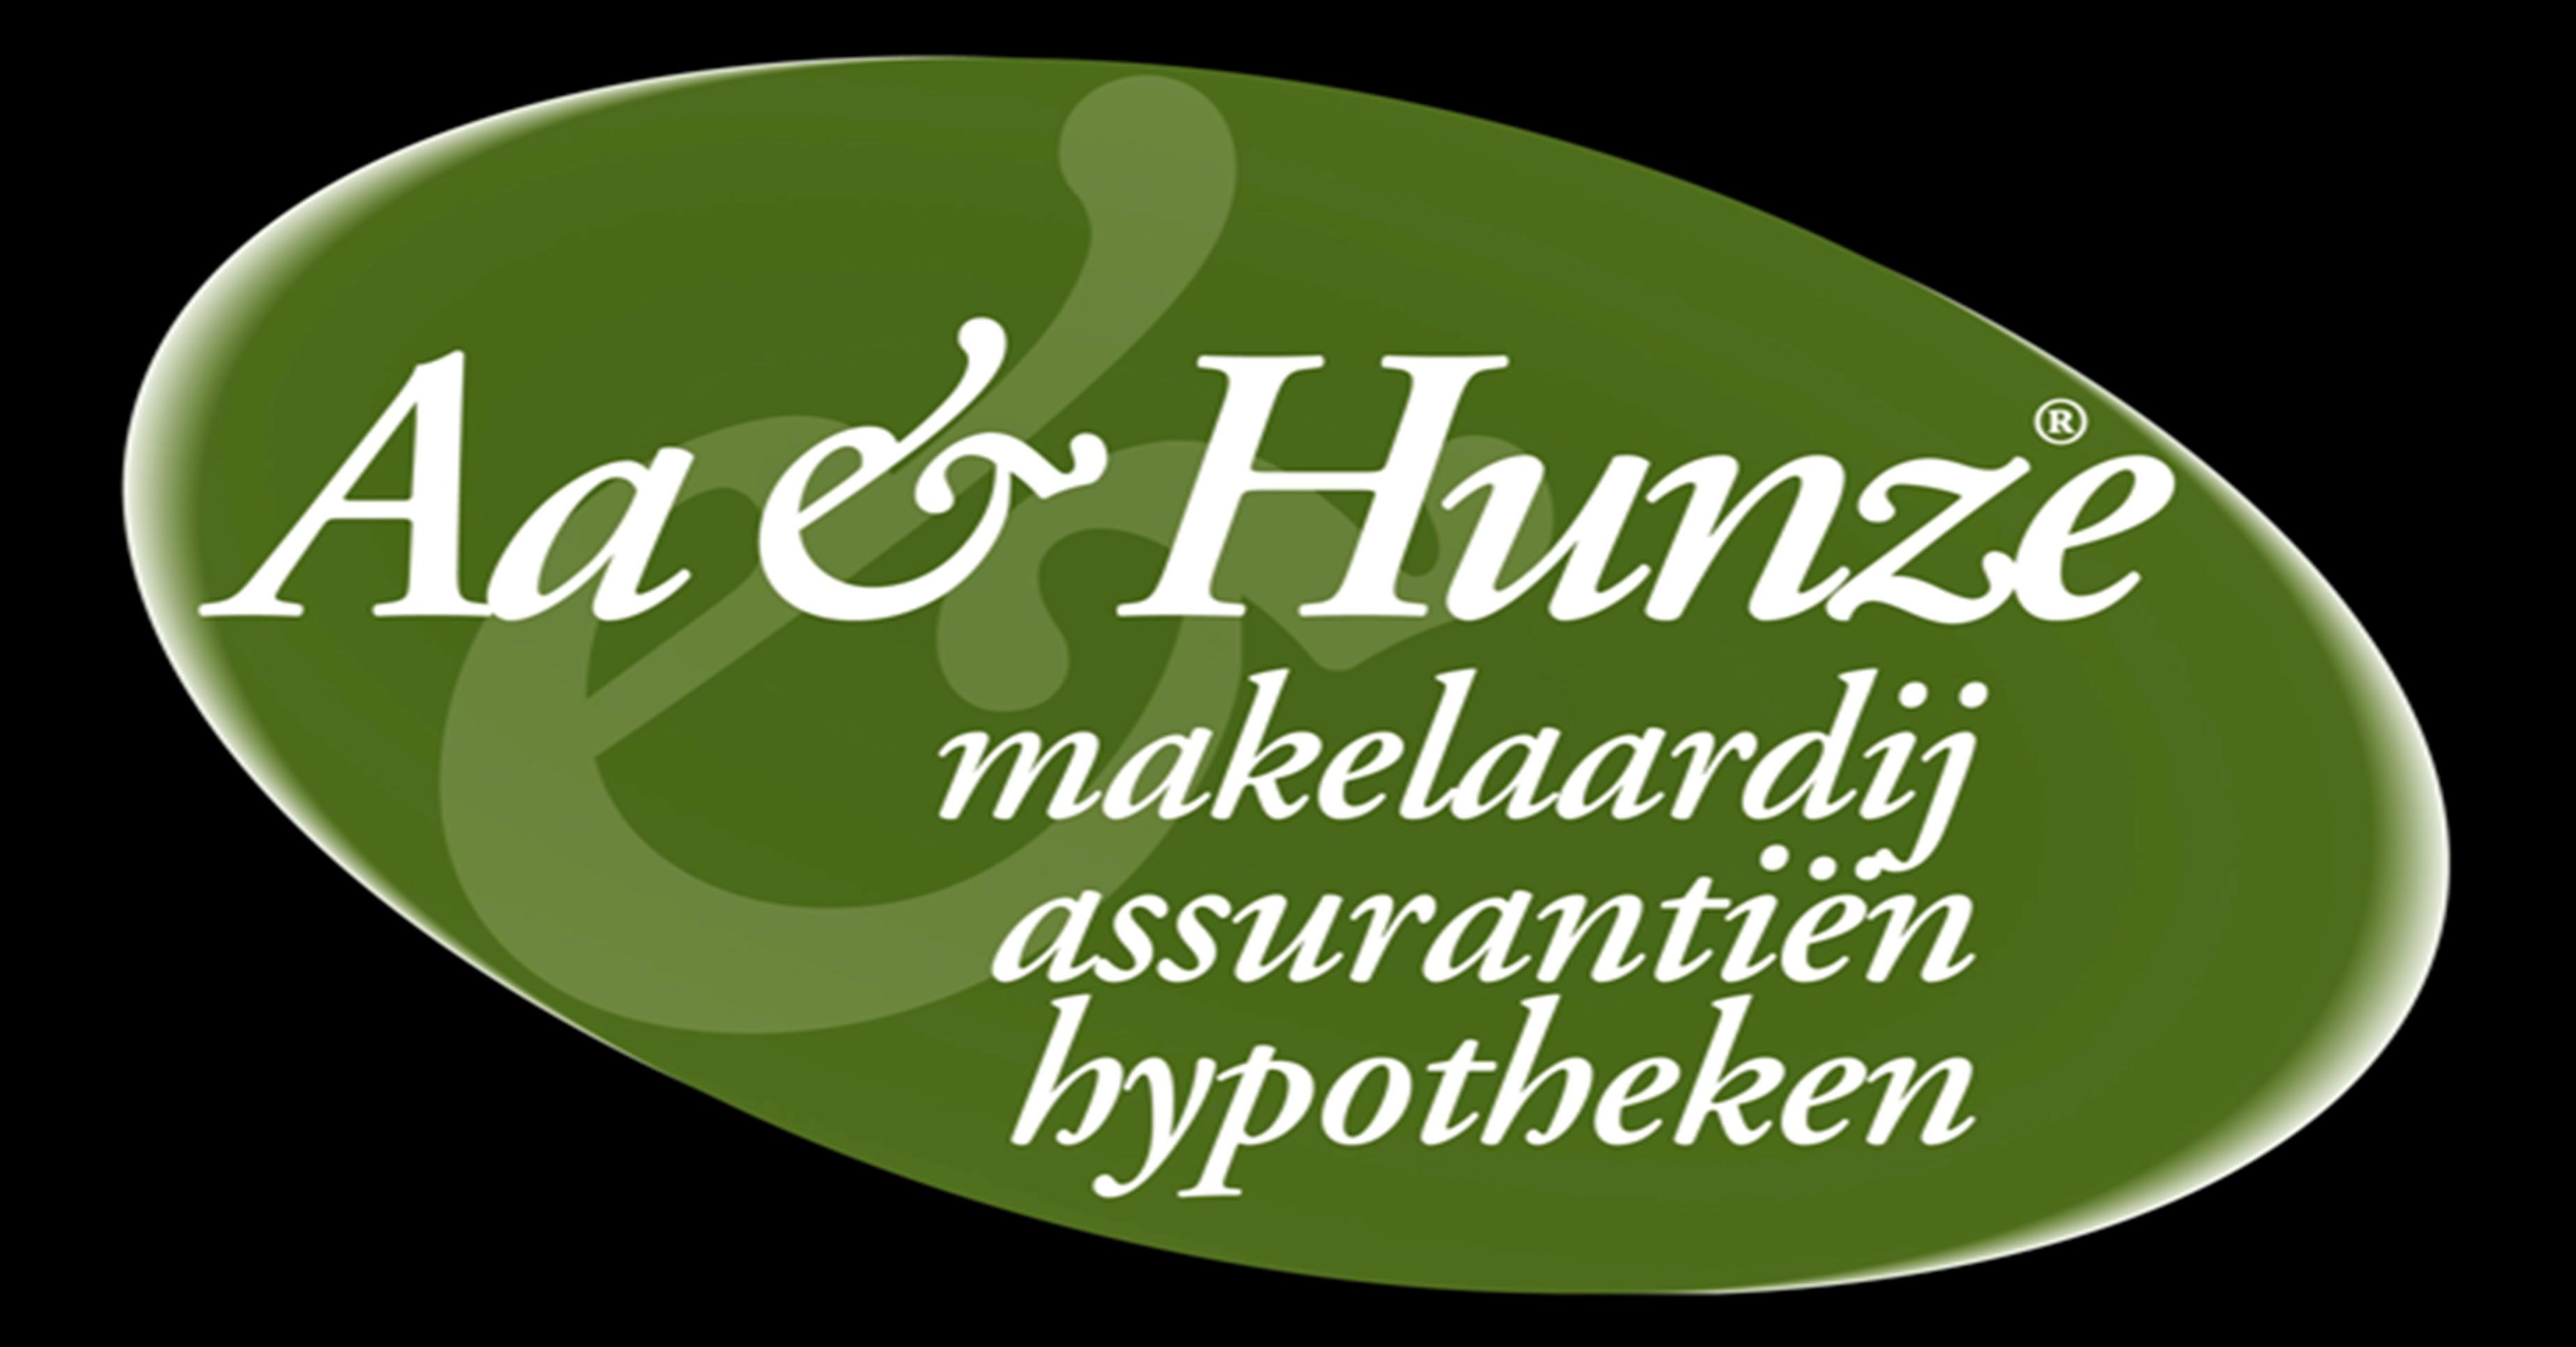 Aa & Hunze makelaardij, assurantiën, hypotheken